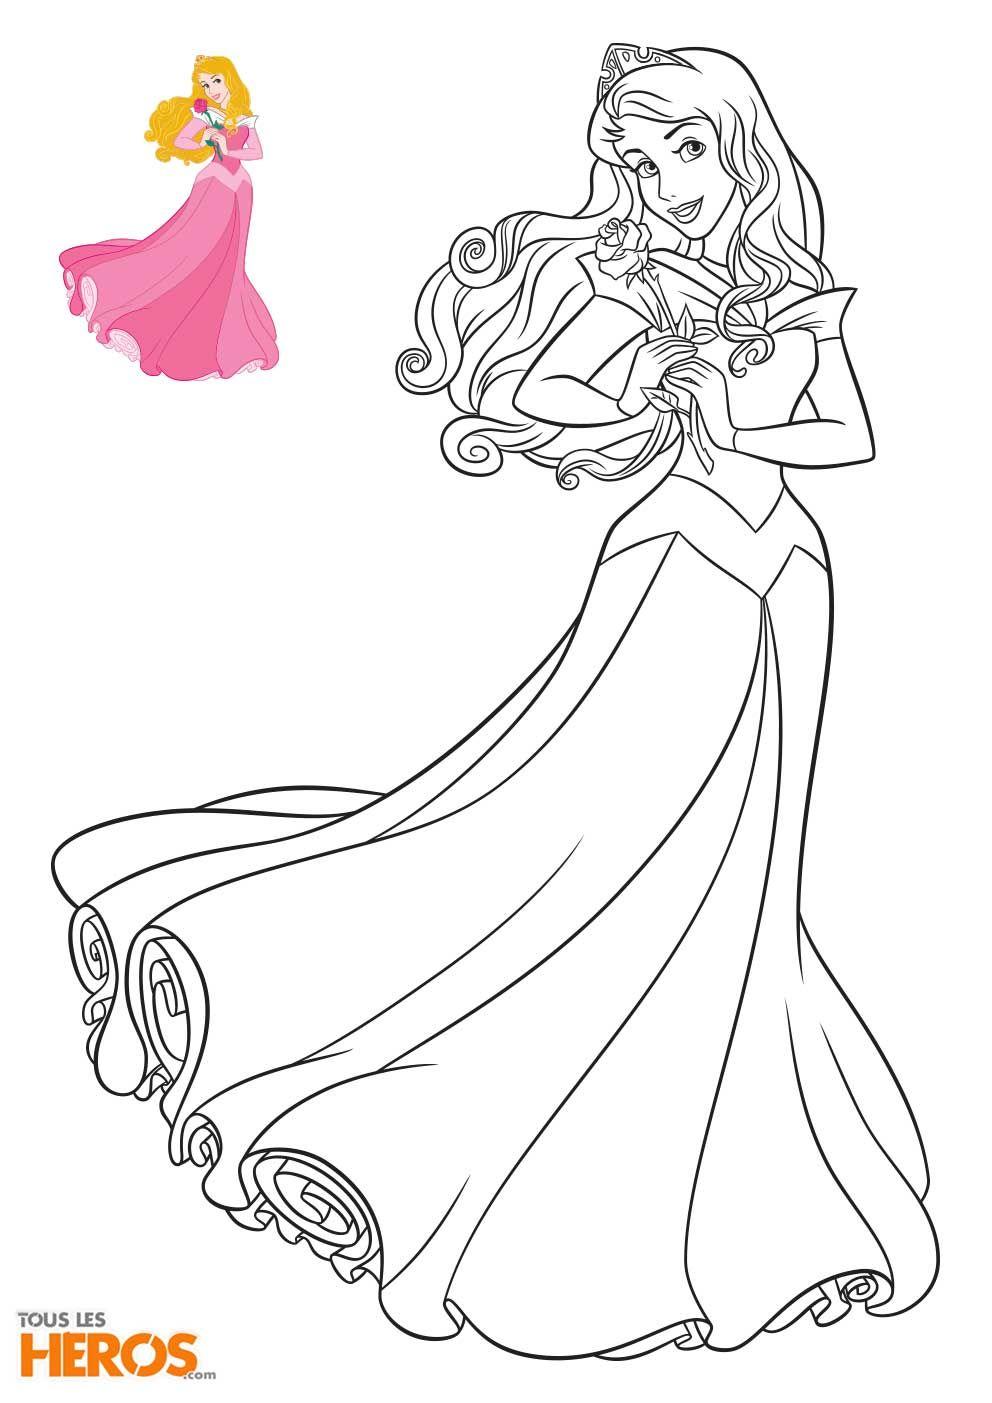 Coloriage Princesses Disney à Imprimer En 2020   Coloriage dedans Coloriage Princesse Ambre